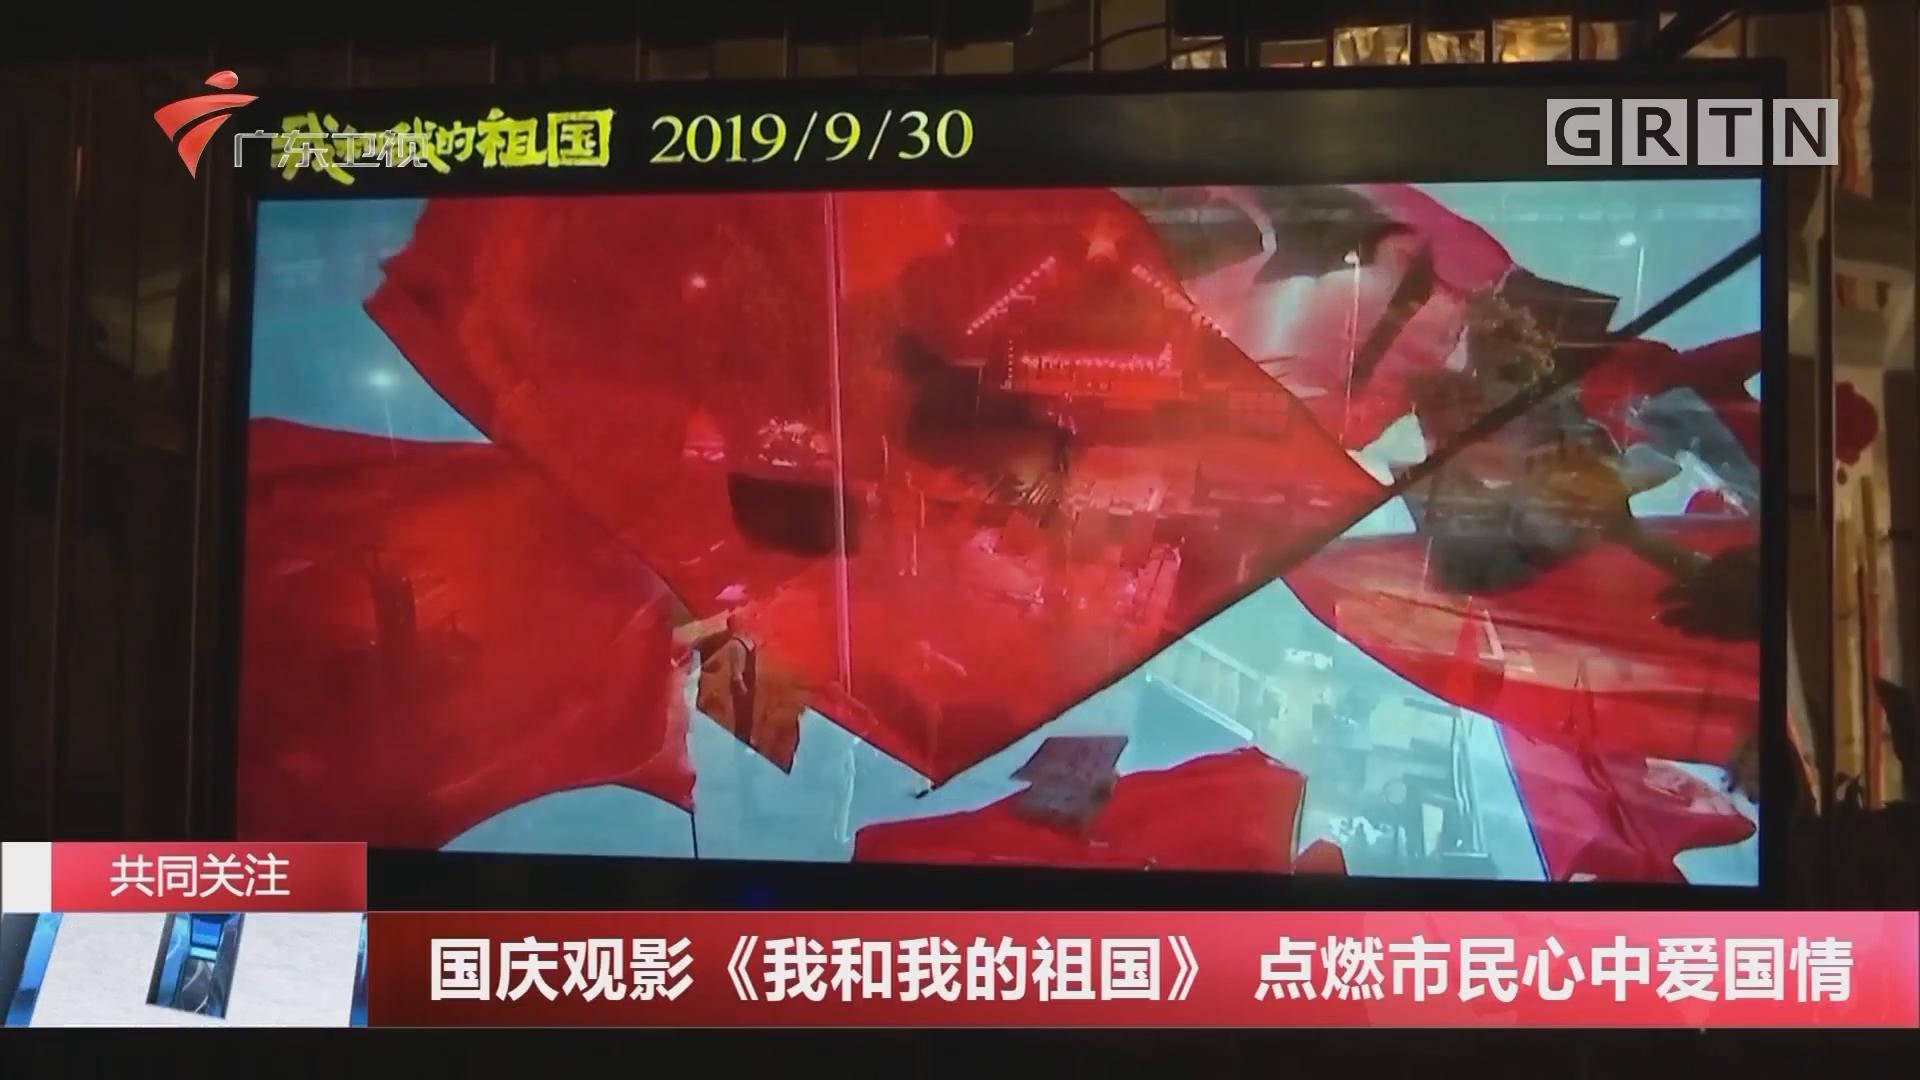 国庆观影《我和我的祖国》 点燃市民心中爱国情